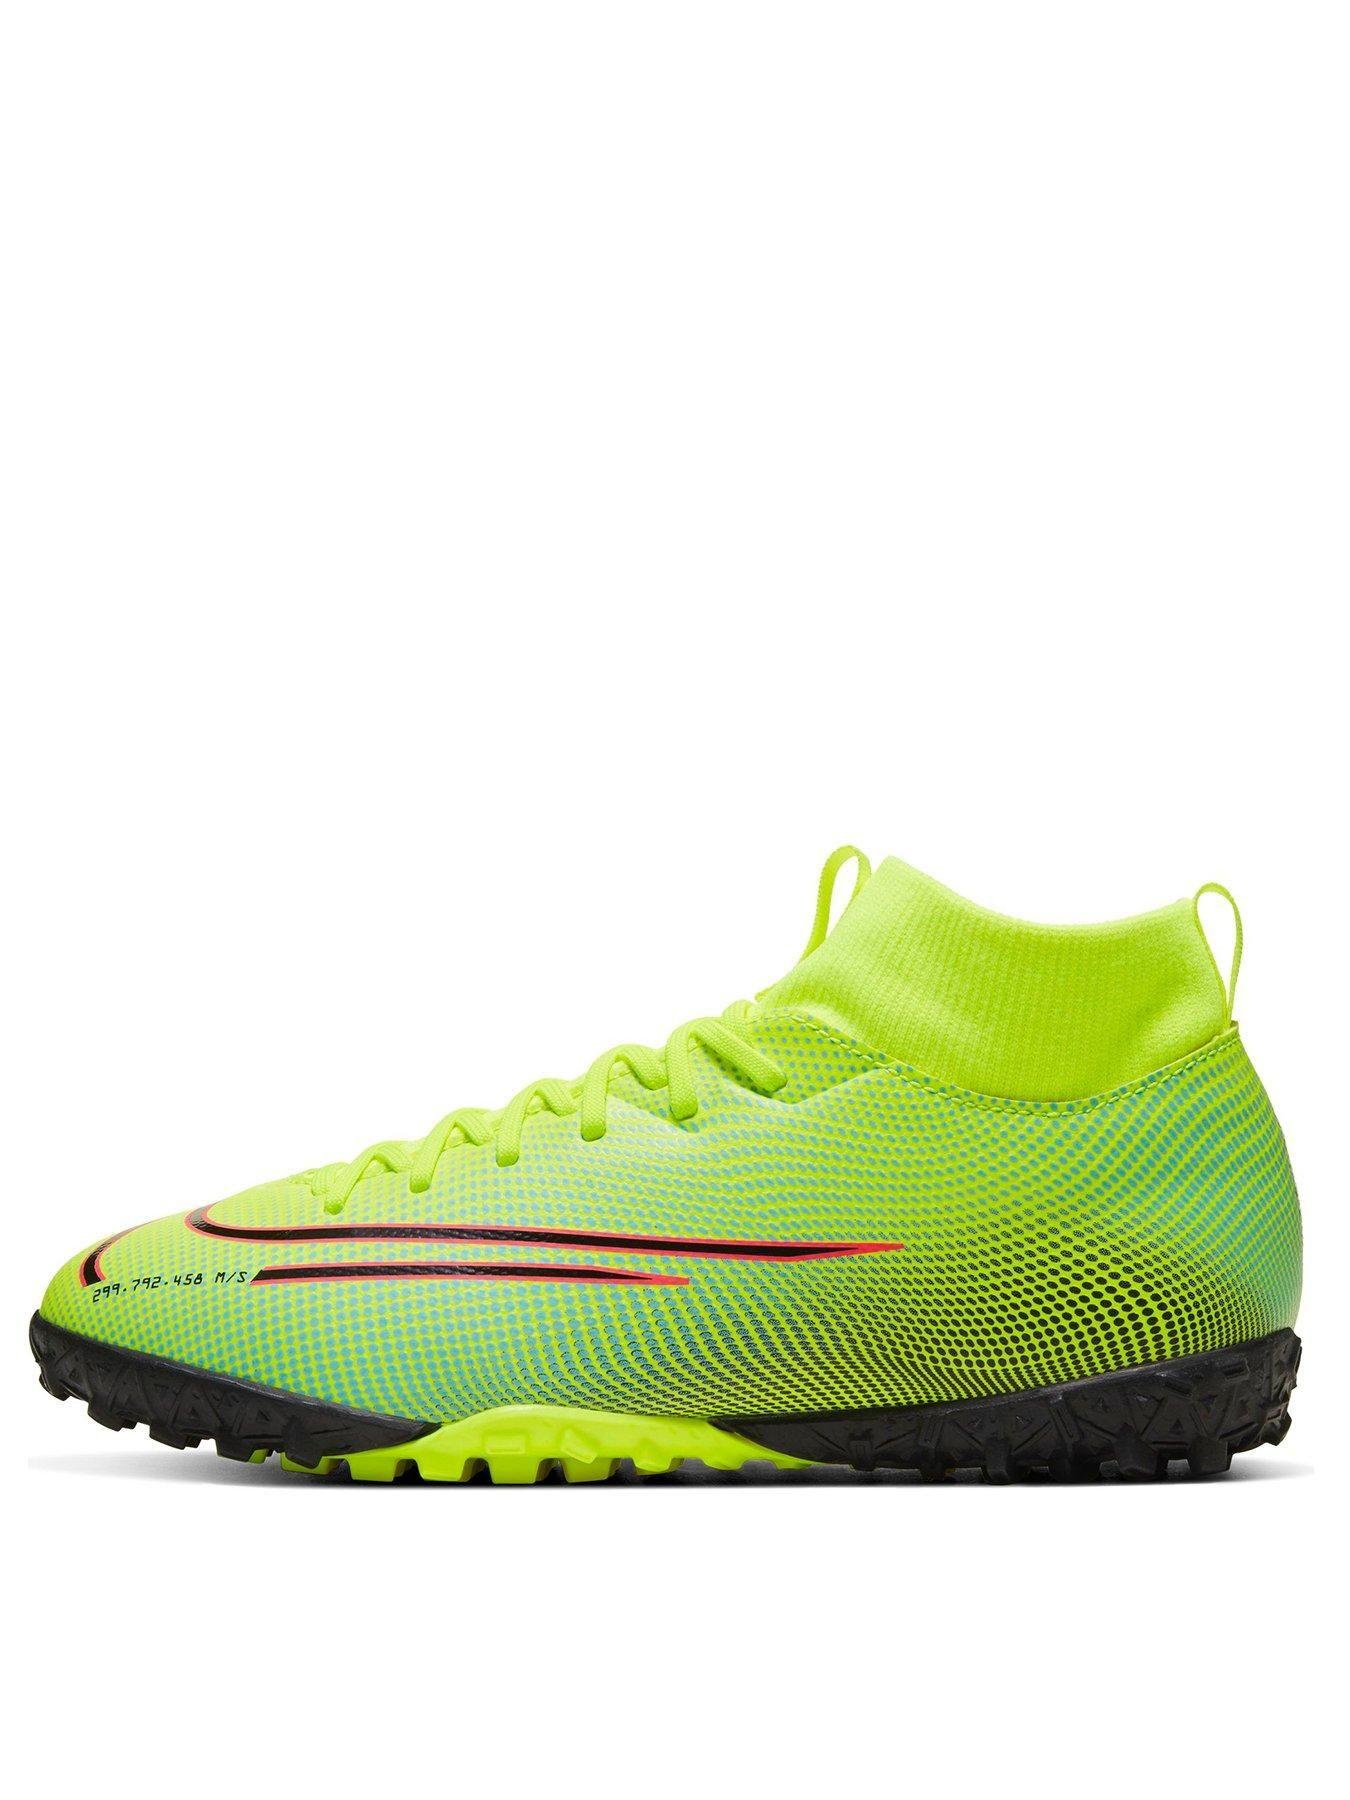 Buty Pilkarskie Nike Mercurial Superfly X 6 Academy Gs Cr7 Tf Jr Aj3112 600 Czerwone Czerwone Football Shoes Cr7 Shoes Nike